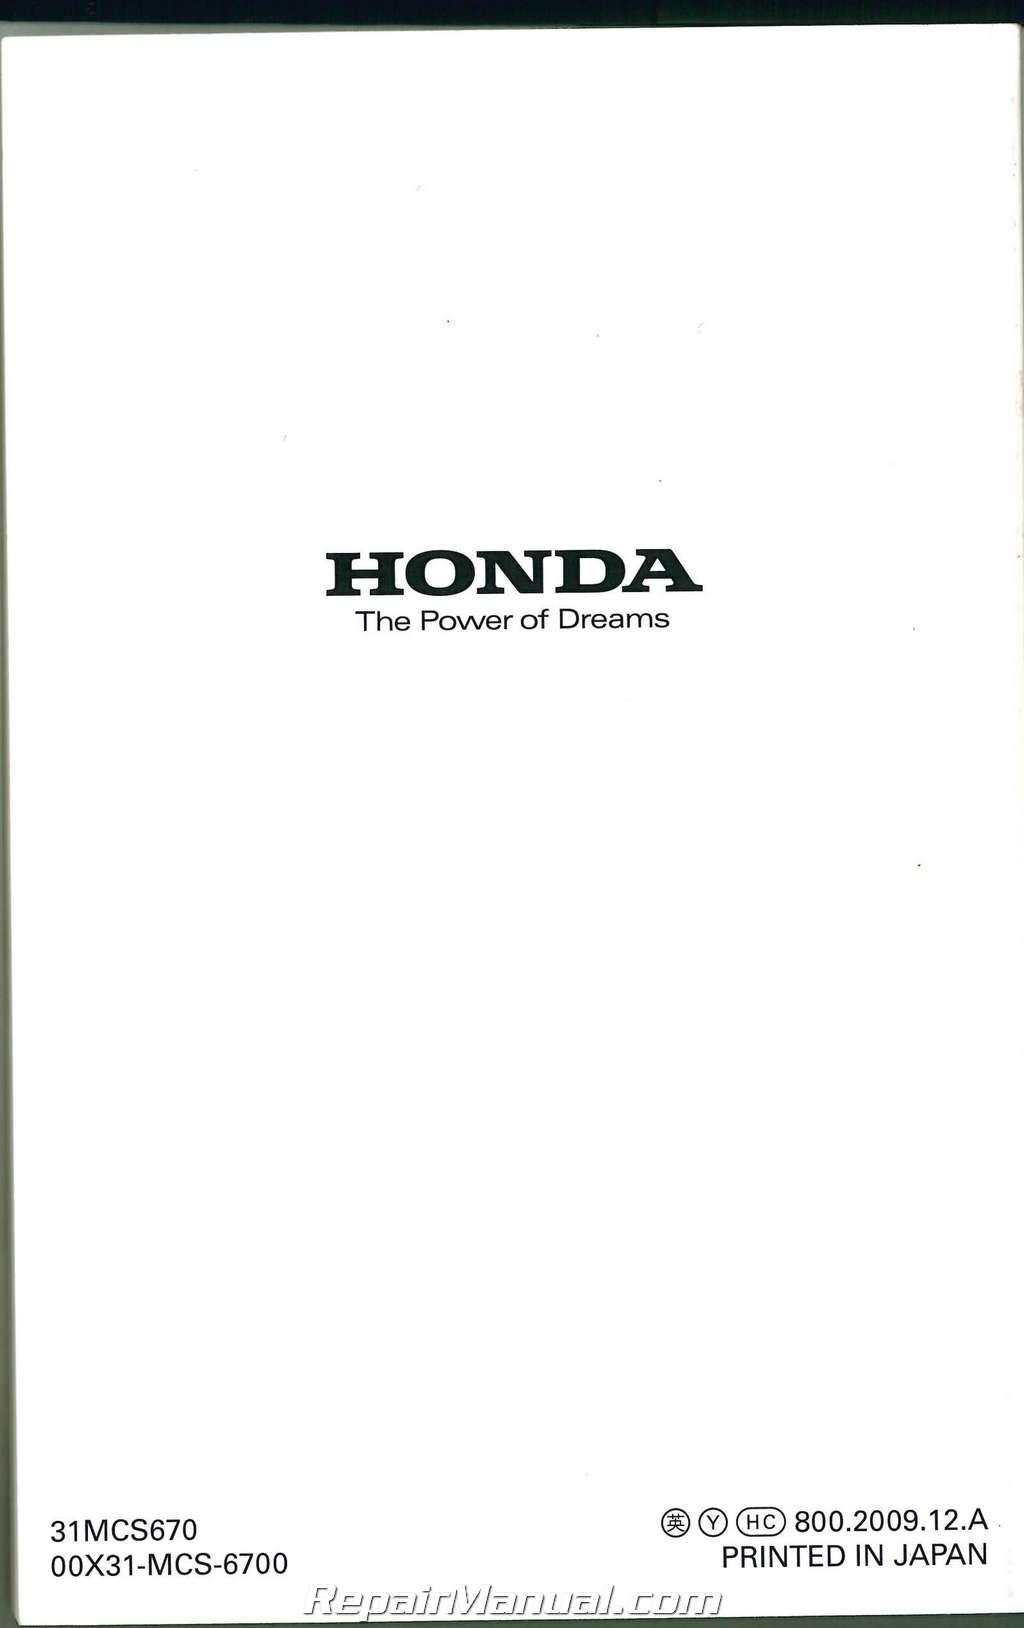 2008 honda st1300 owners manual